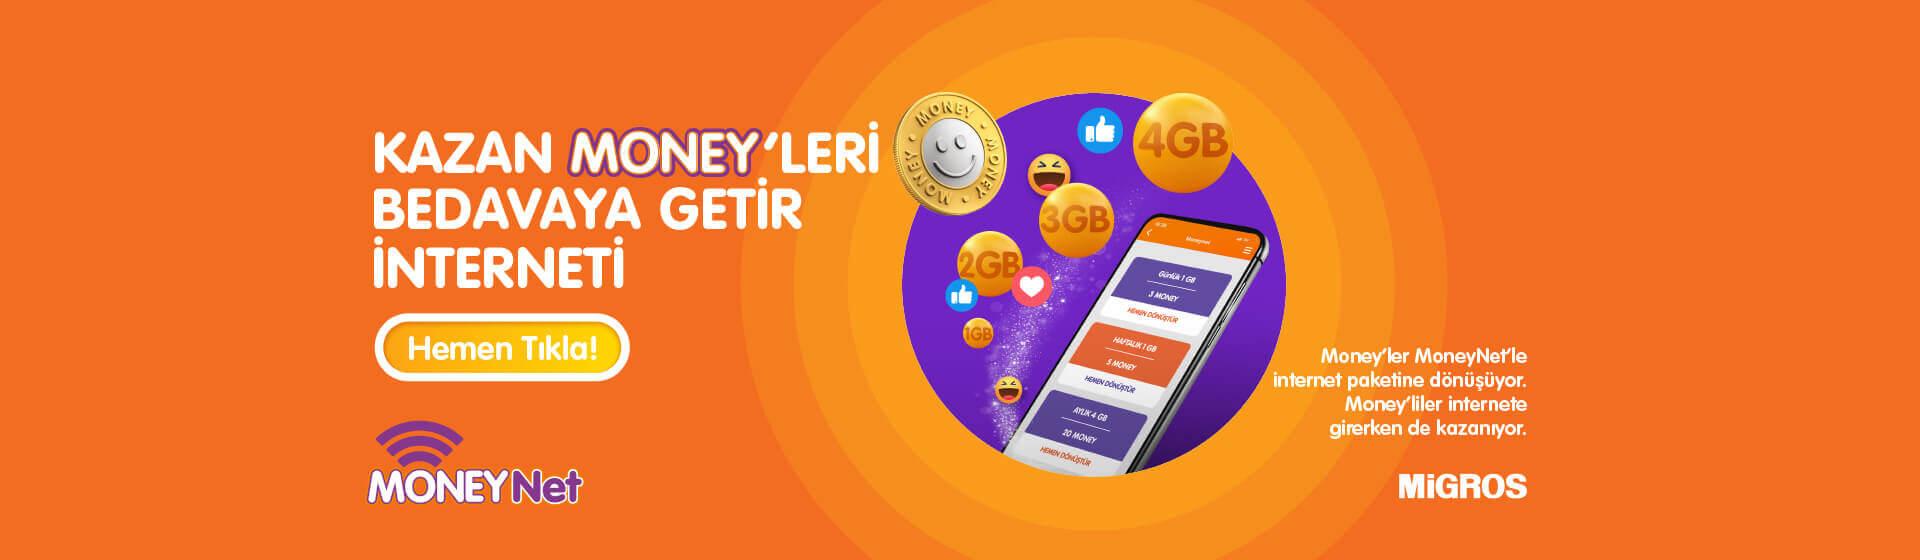 Moneynet-yeni